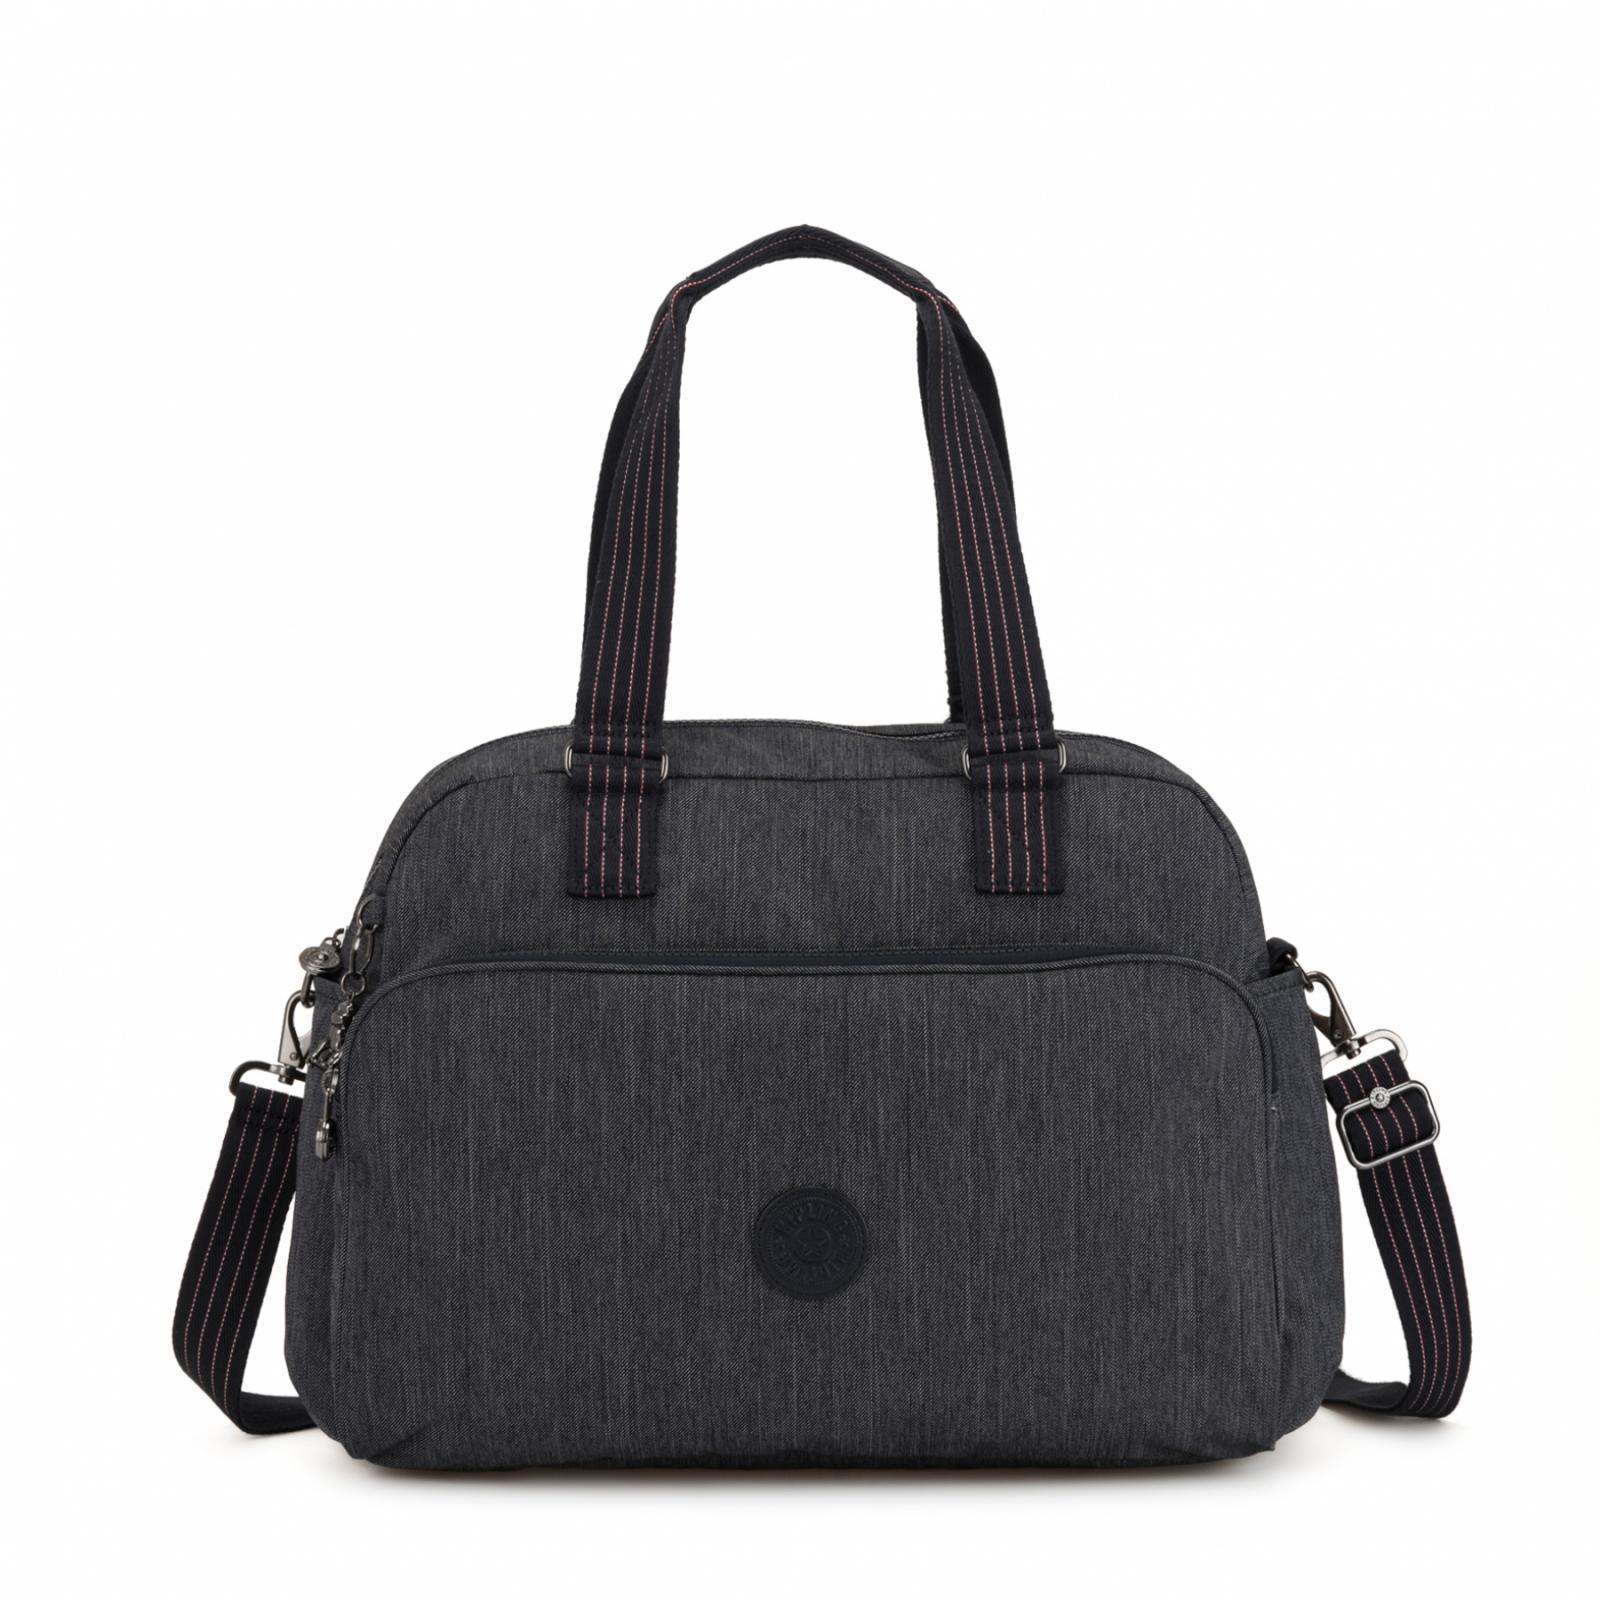 Kipling July Bag - 1